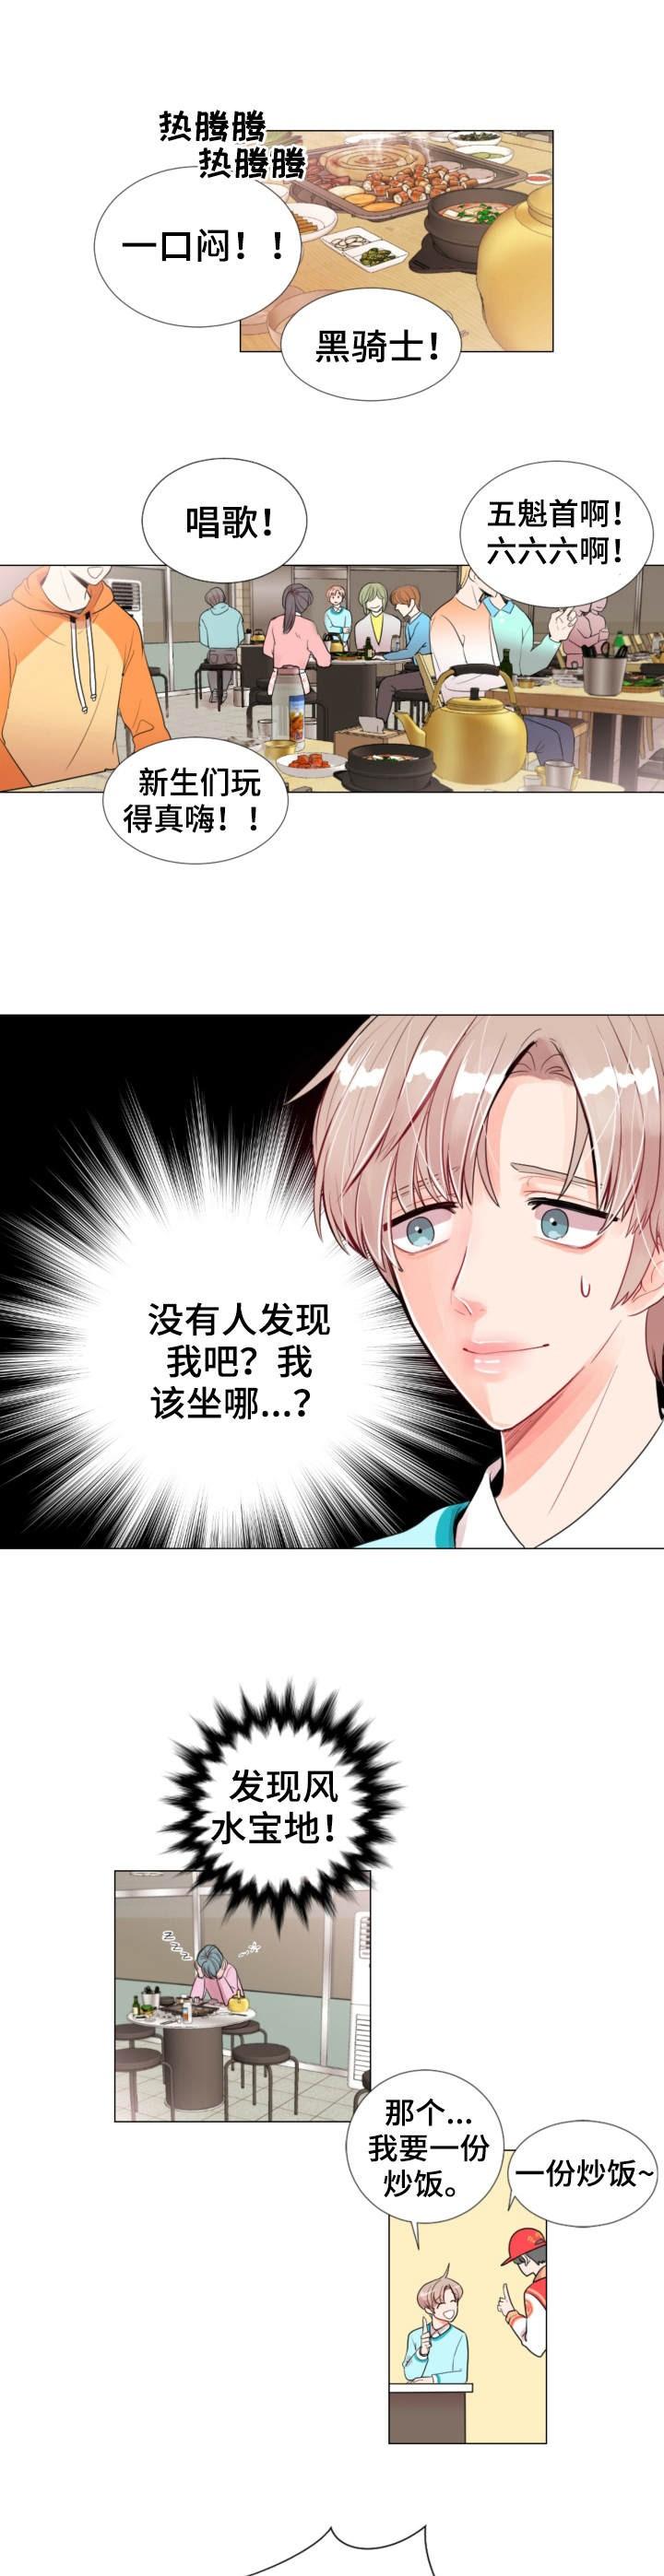 韩国漫画《万人迷的小透明》完整版全集漫画在线免费阅读_连载首发-啵乐漫画